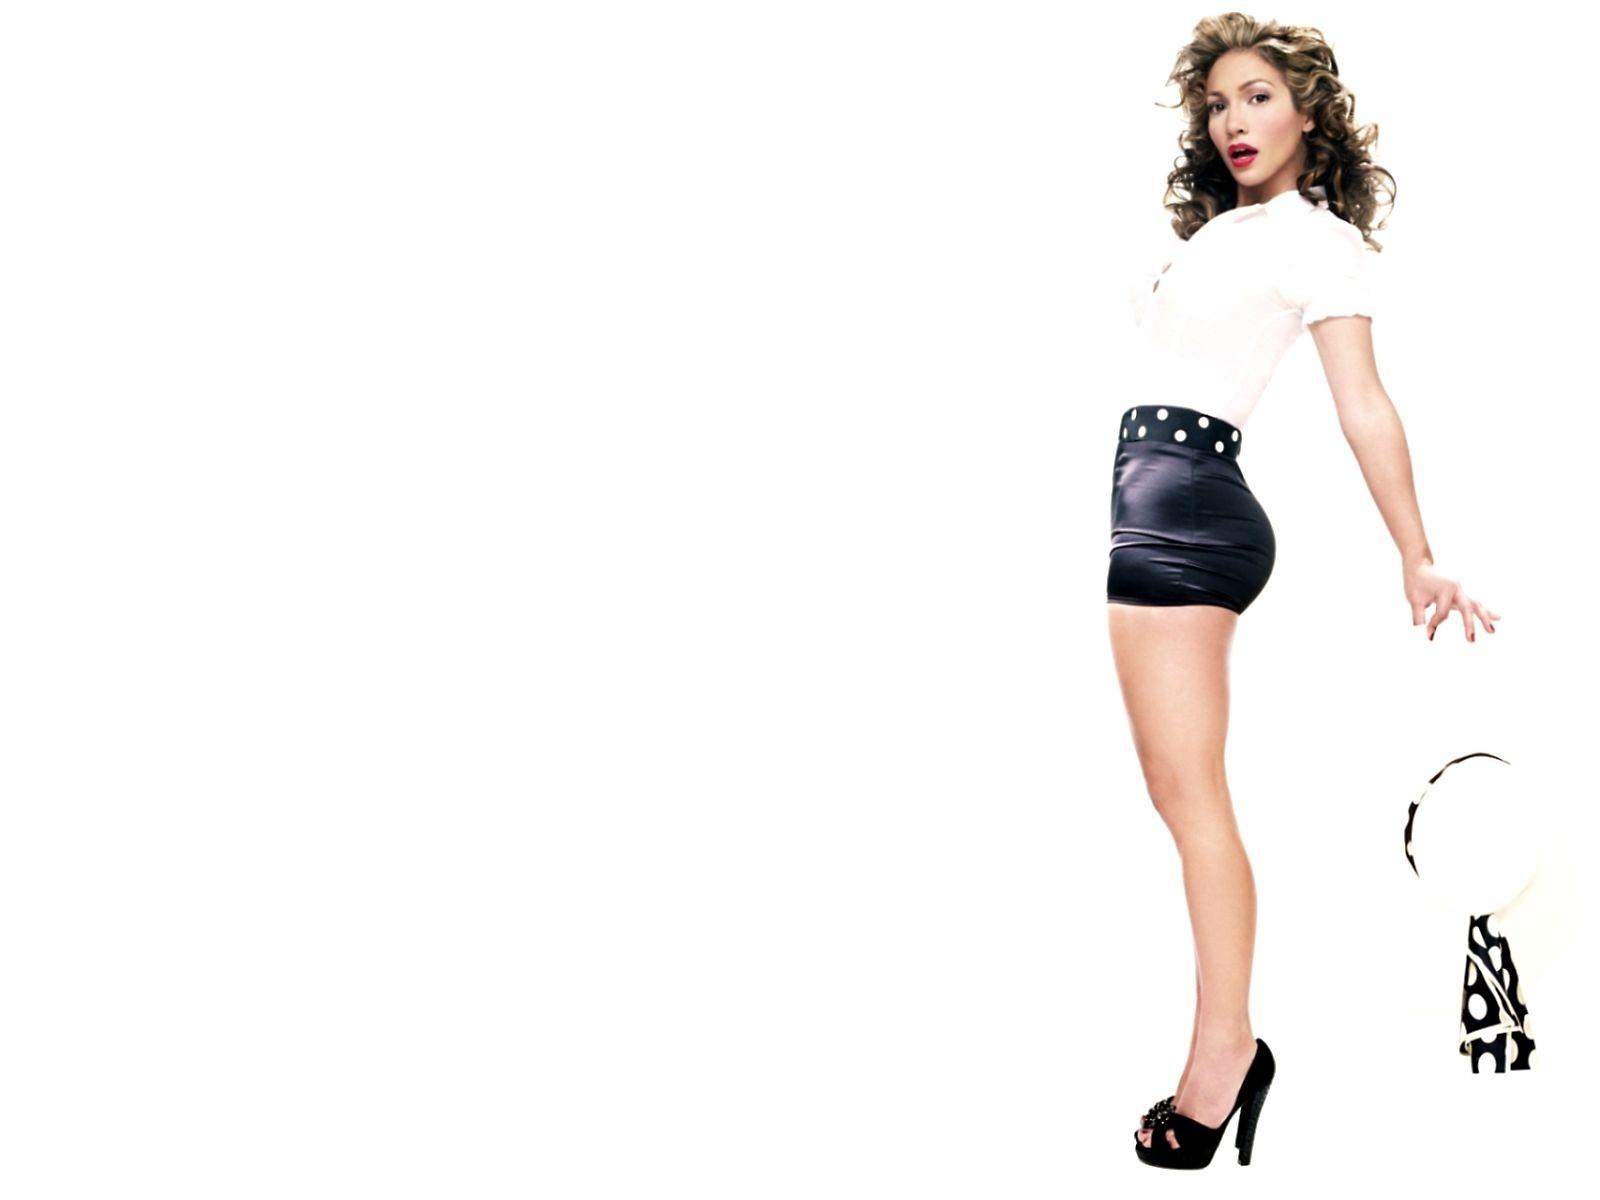 Wallpaper di Jennifer Lopez su fondo bianco